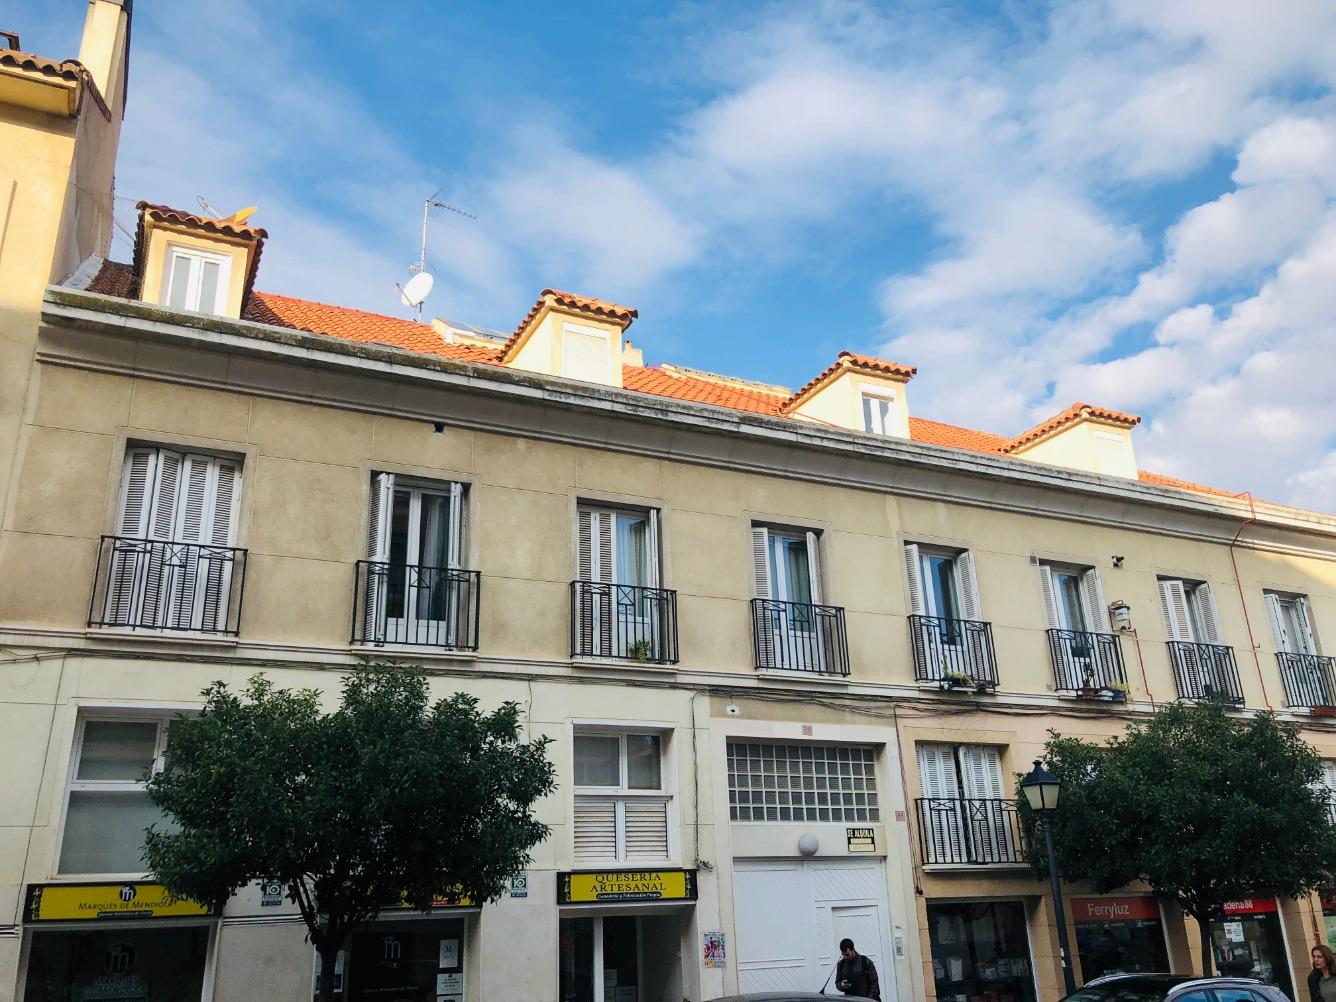 Piso en alquiler  en Calle POSTAS, Aranjuez